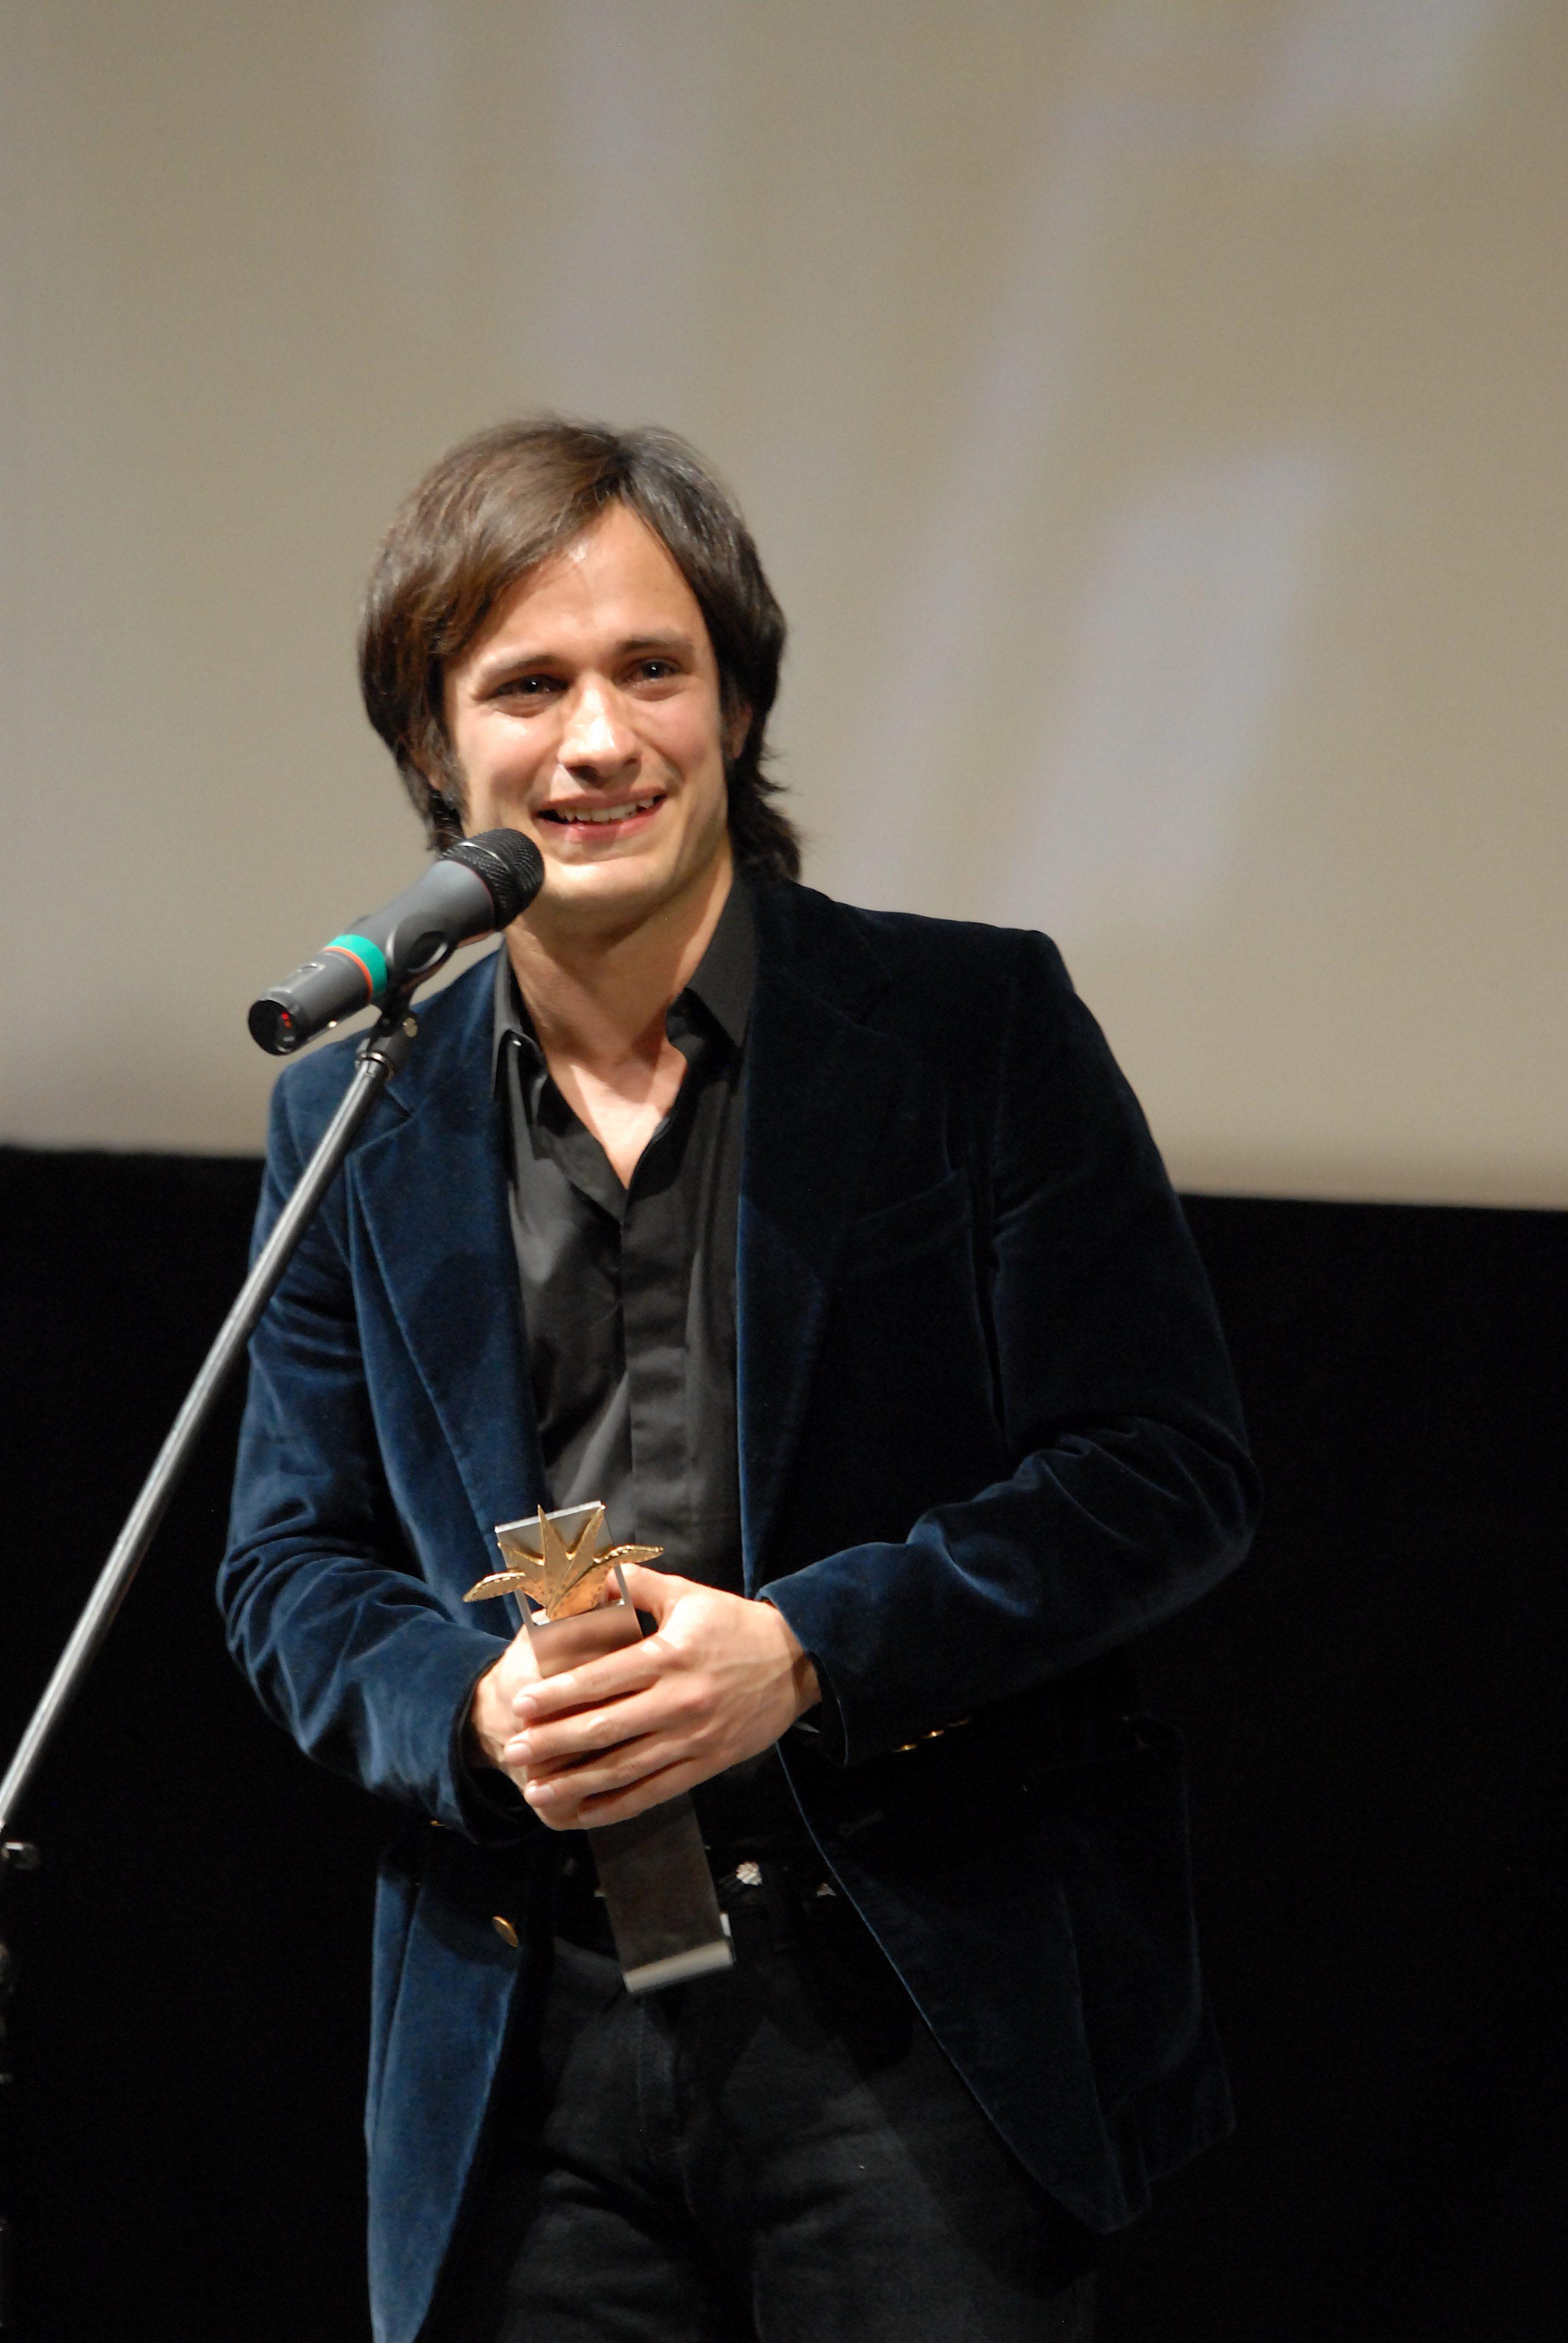 Gael Garcia Bernal Filmes in file:gael garcía bernal (guadalajara film festival)